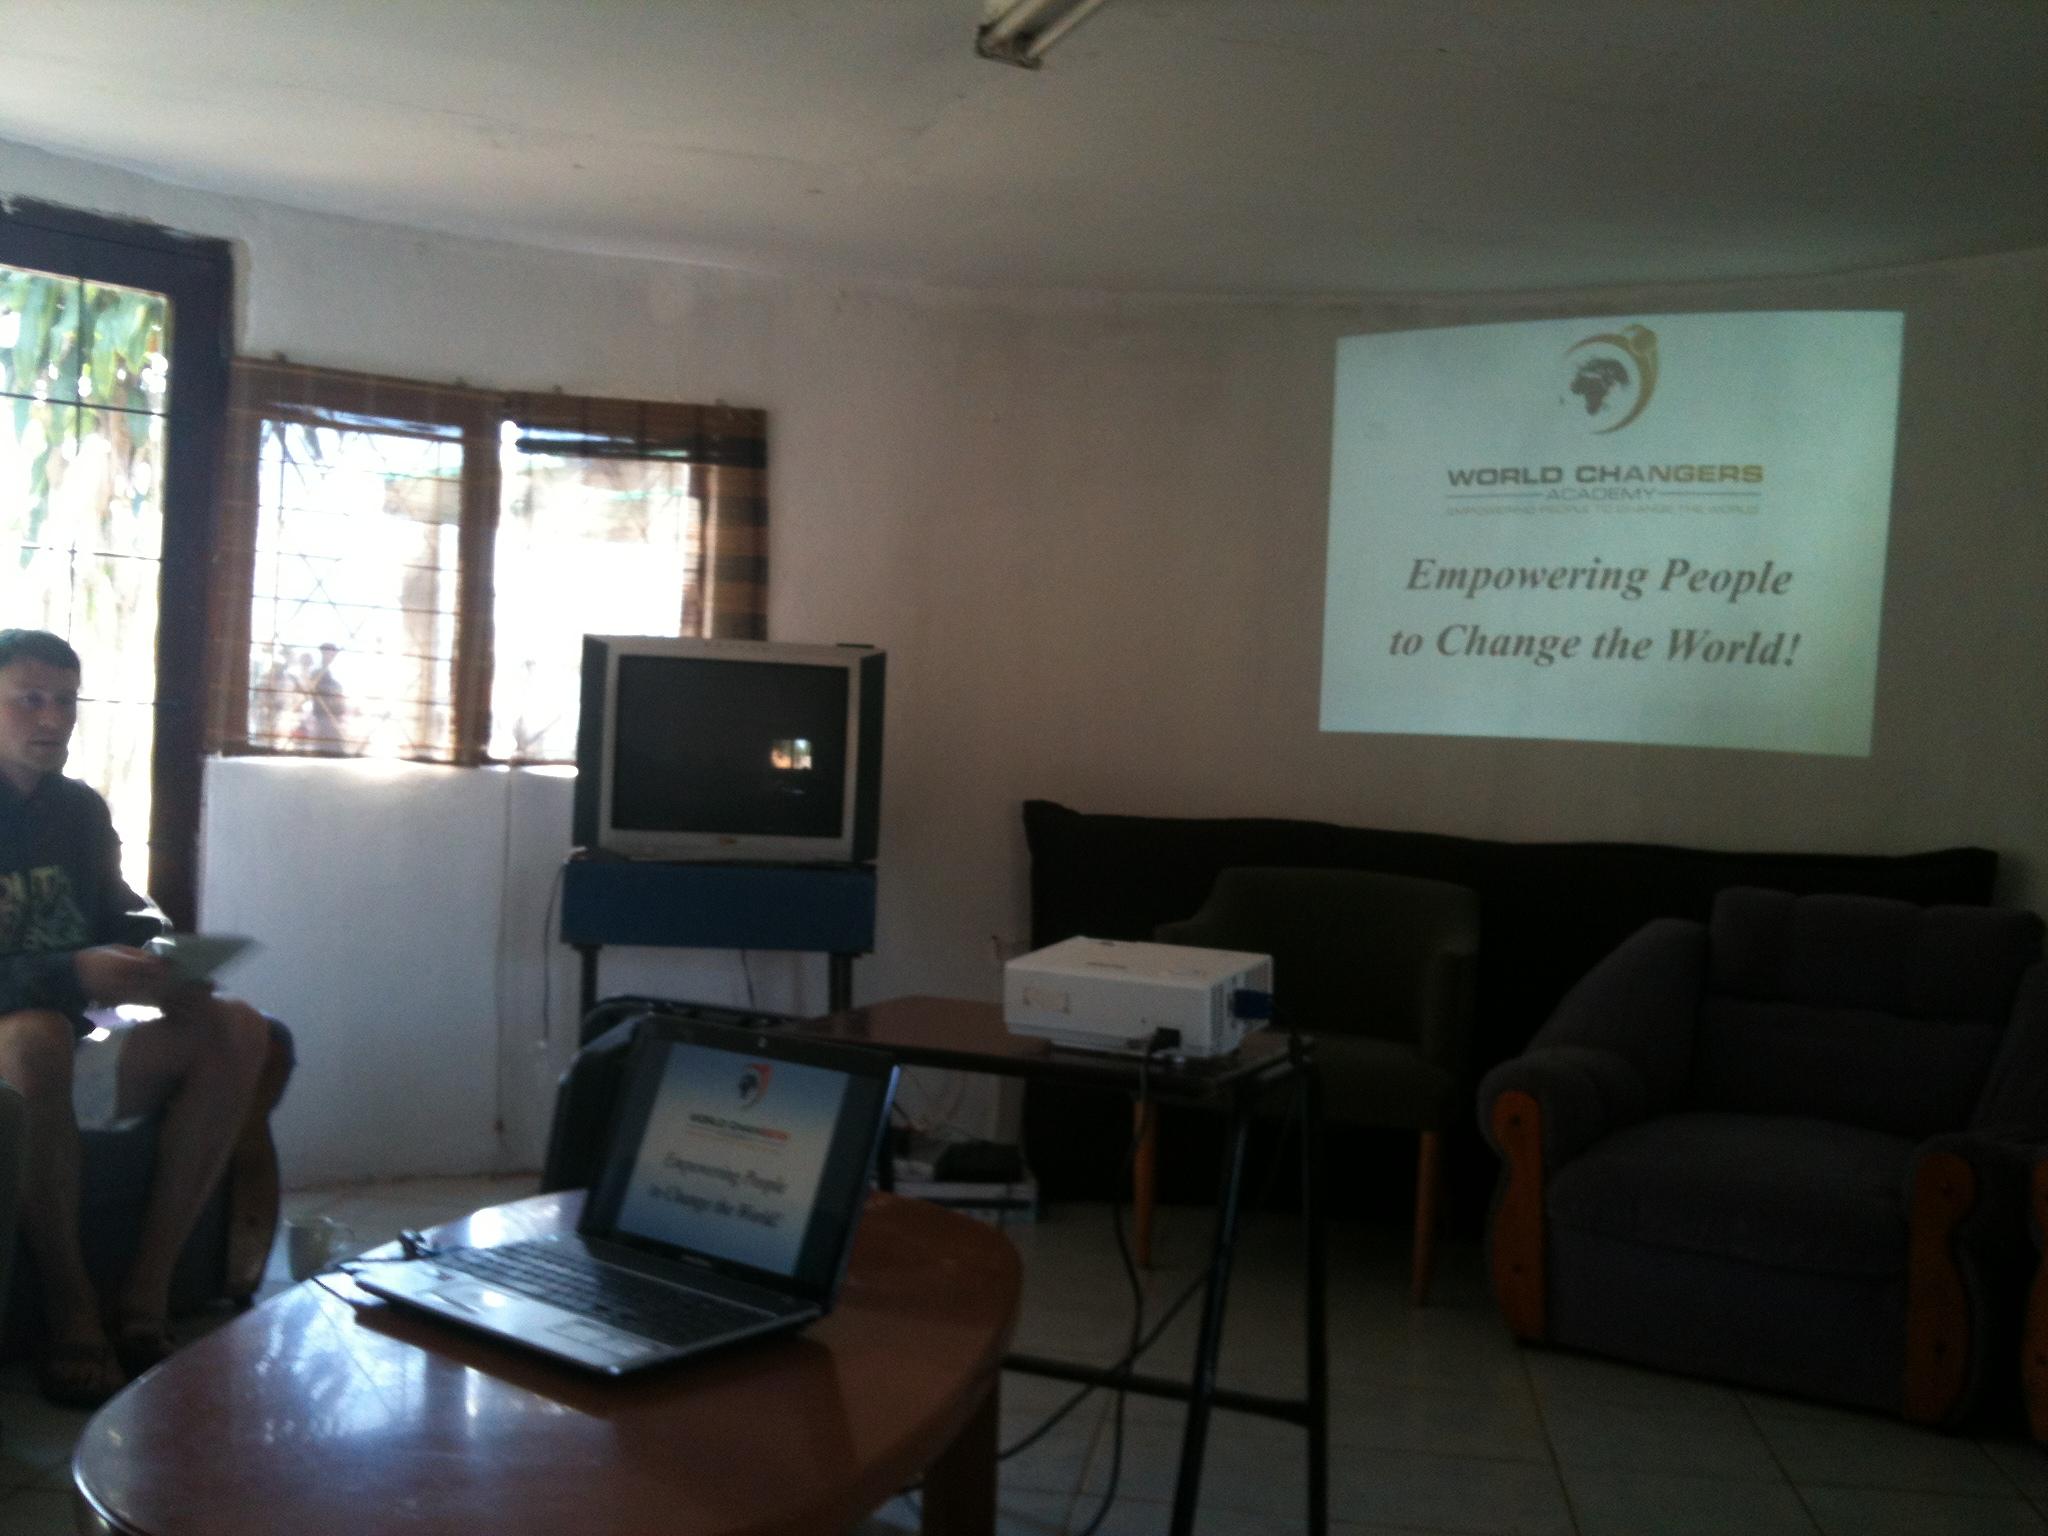 World Changers Workshop